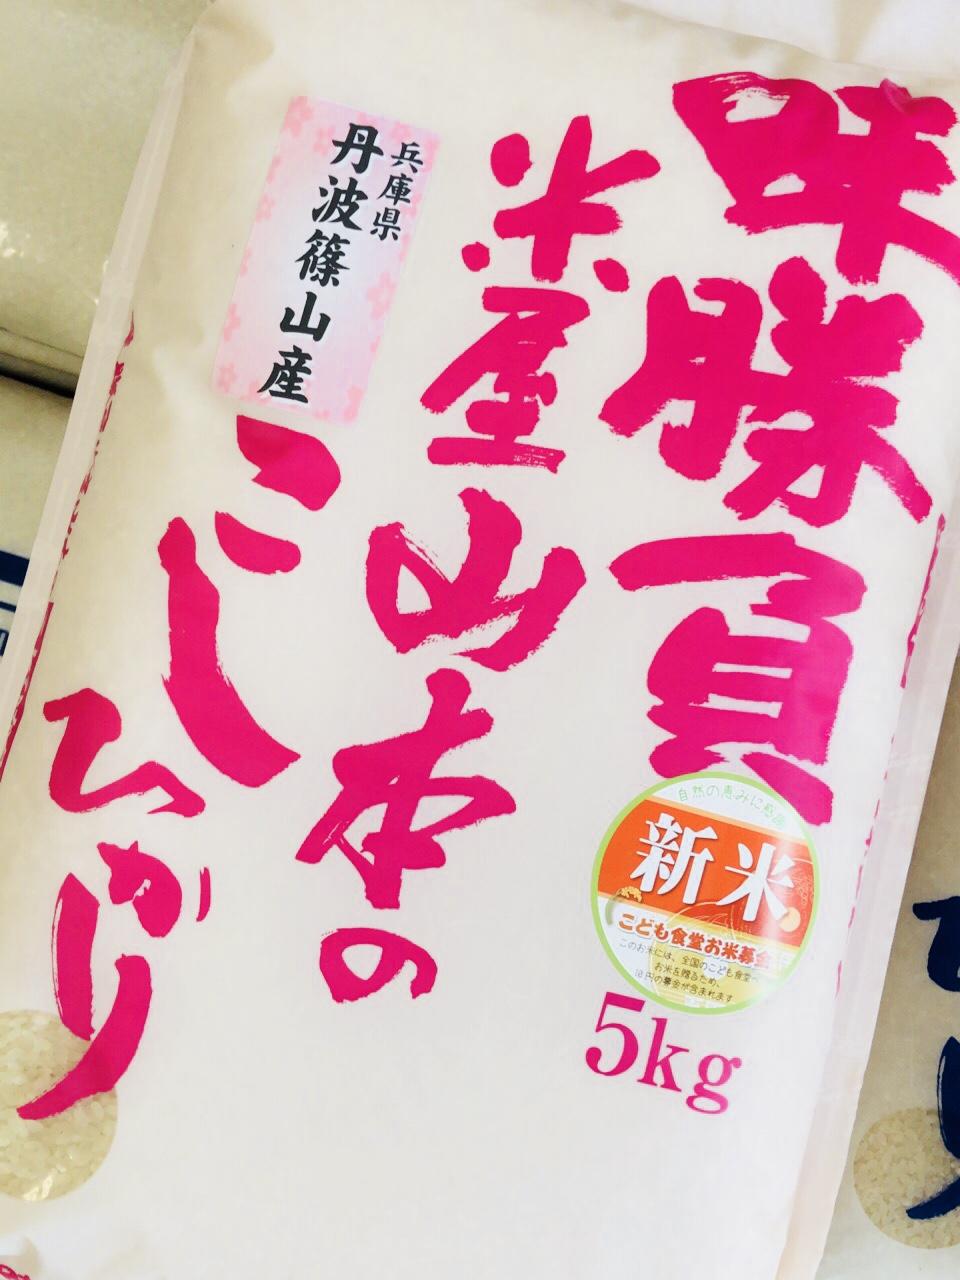 令和元年産兵庫県篠山コシヒカリです。